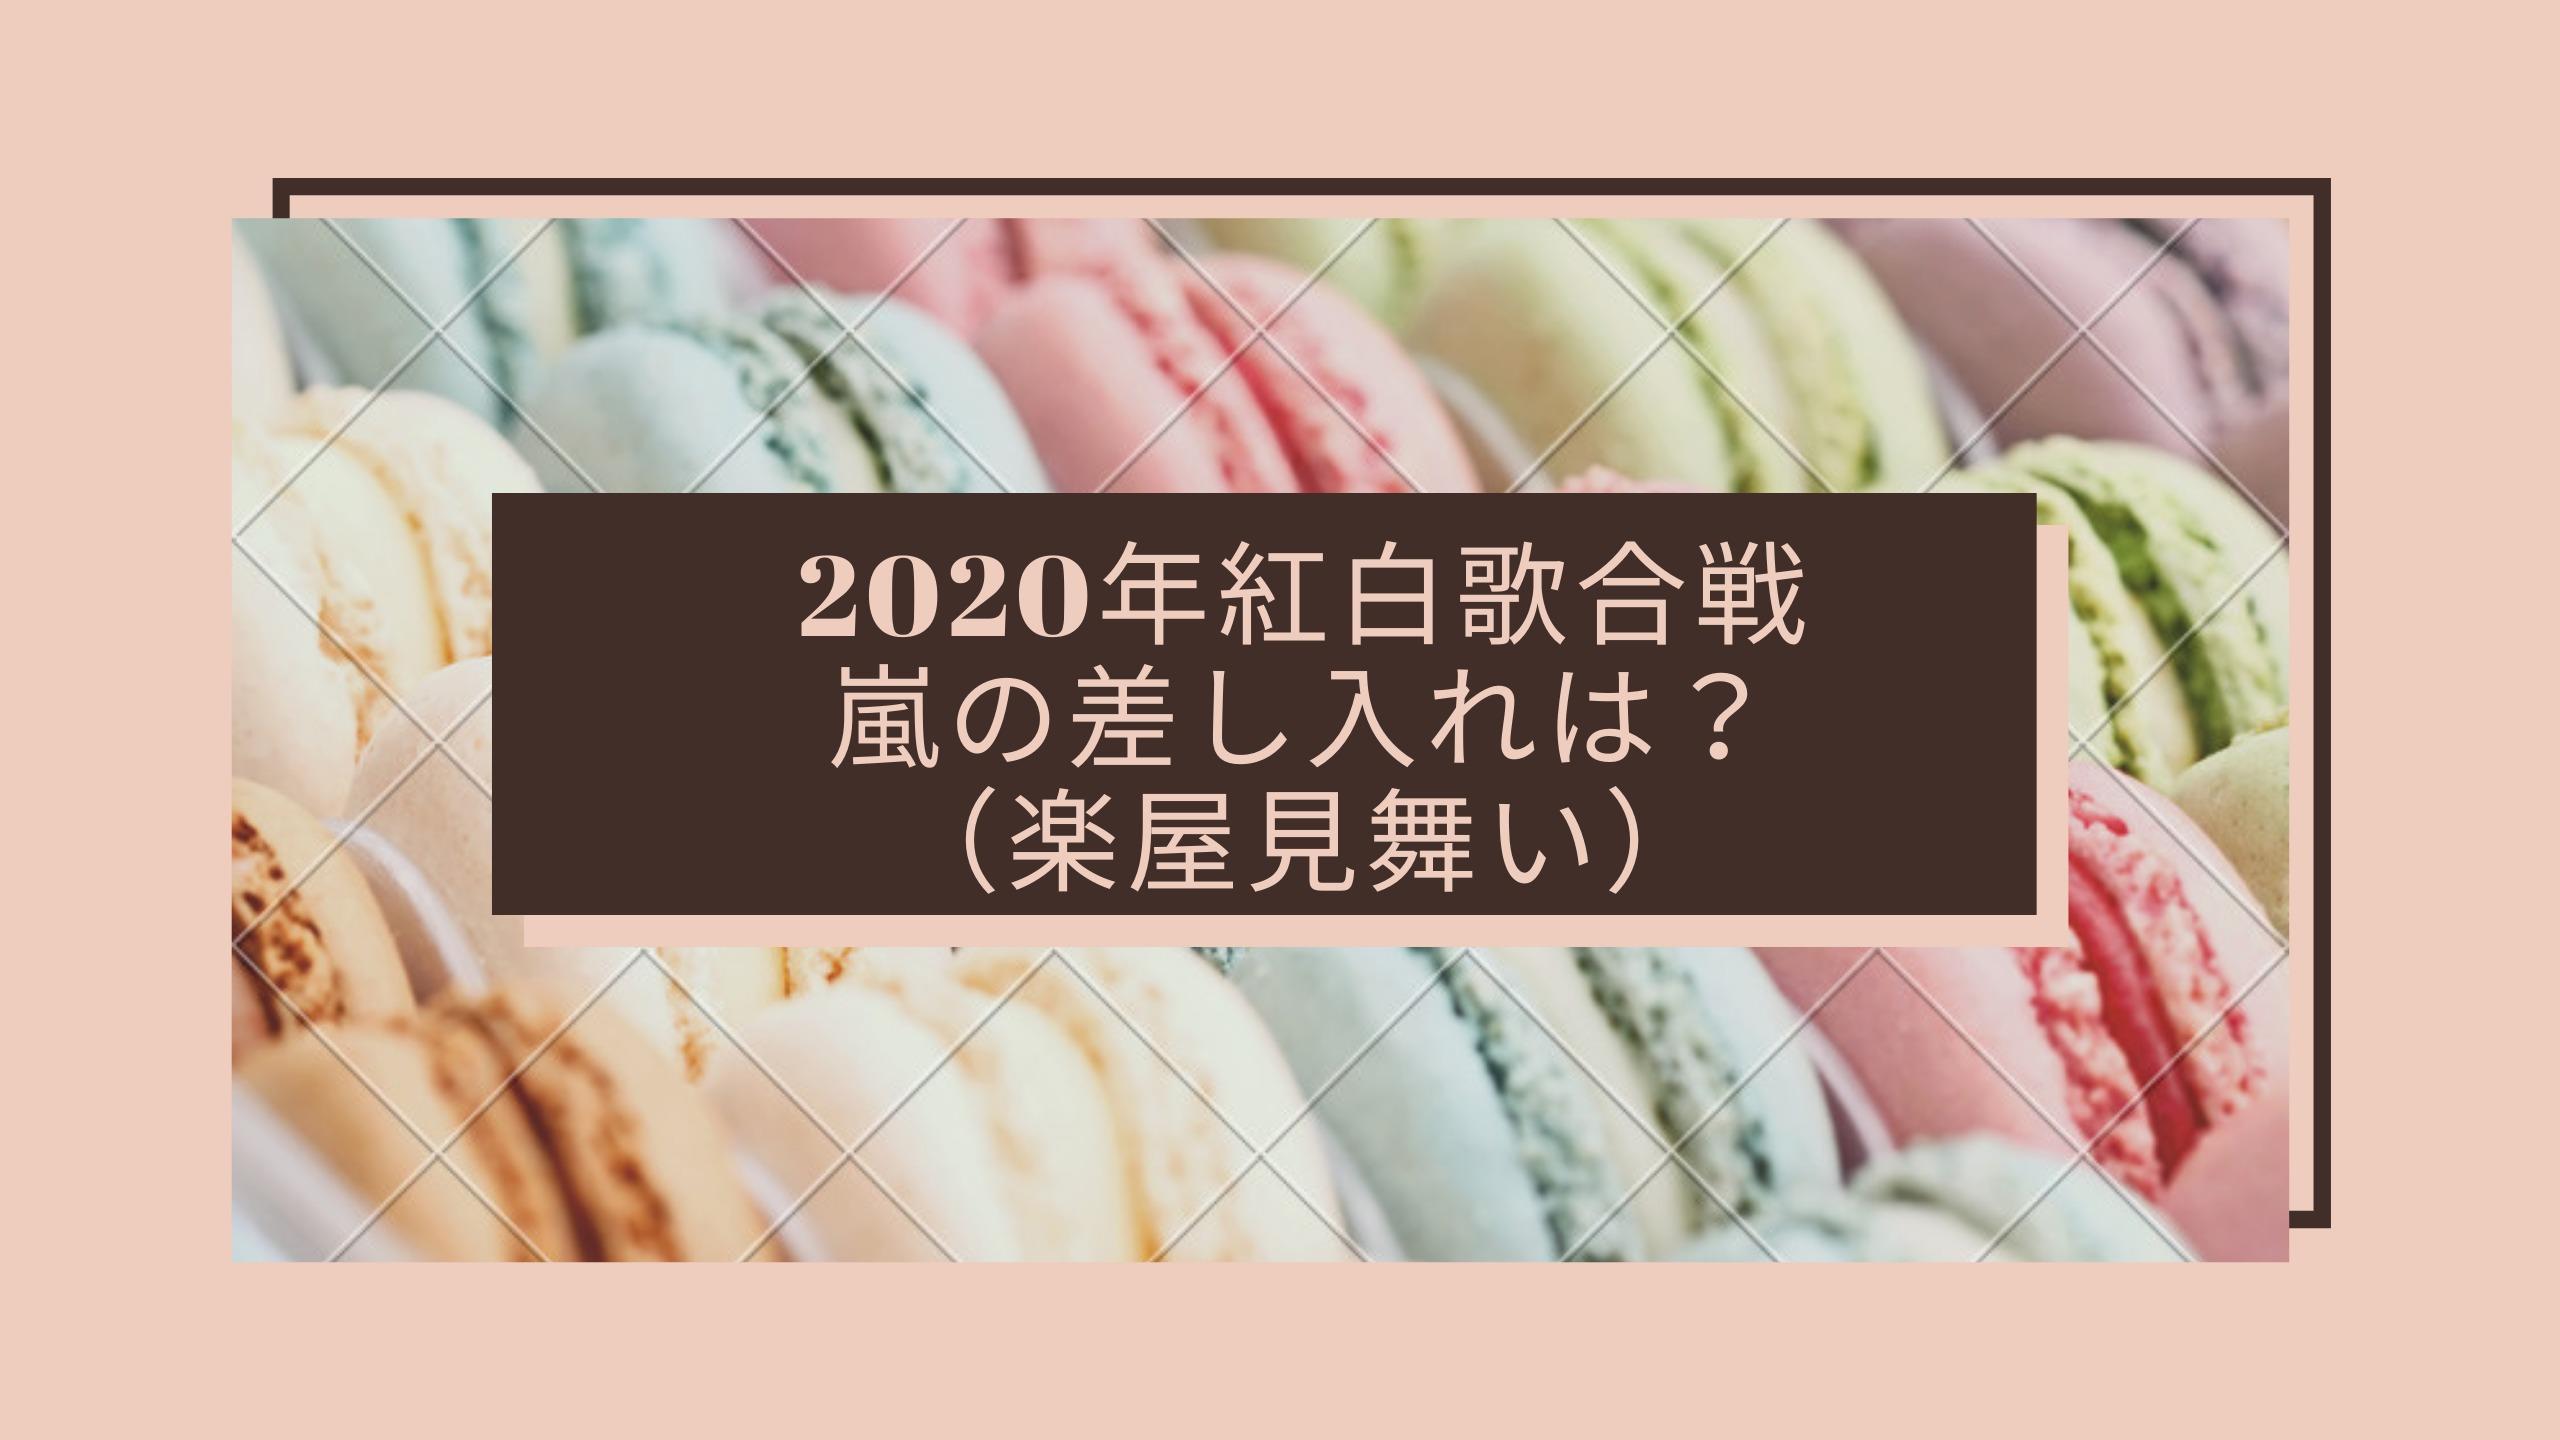 嵐の紅白歌合戦の楽屋見舞い(差し入れ)2020年は何?過去のものも!